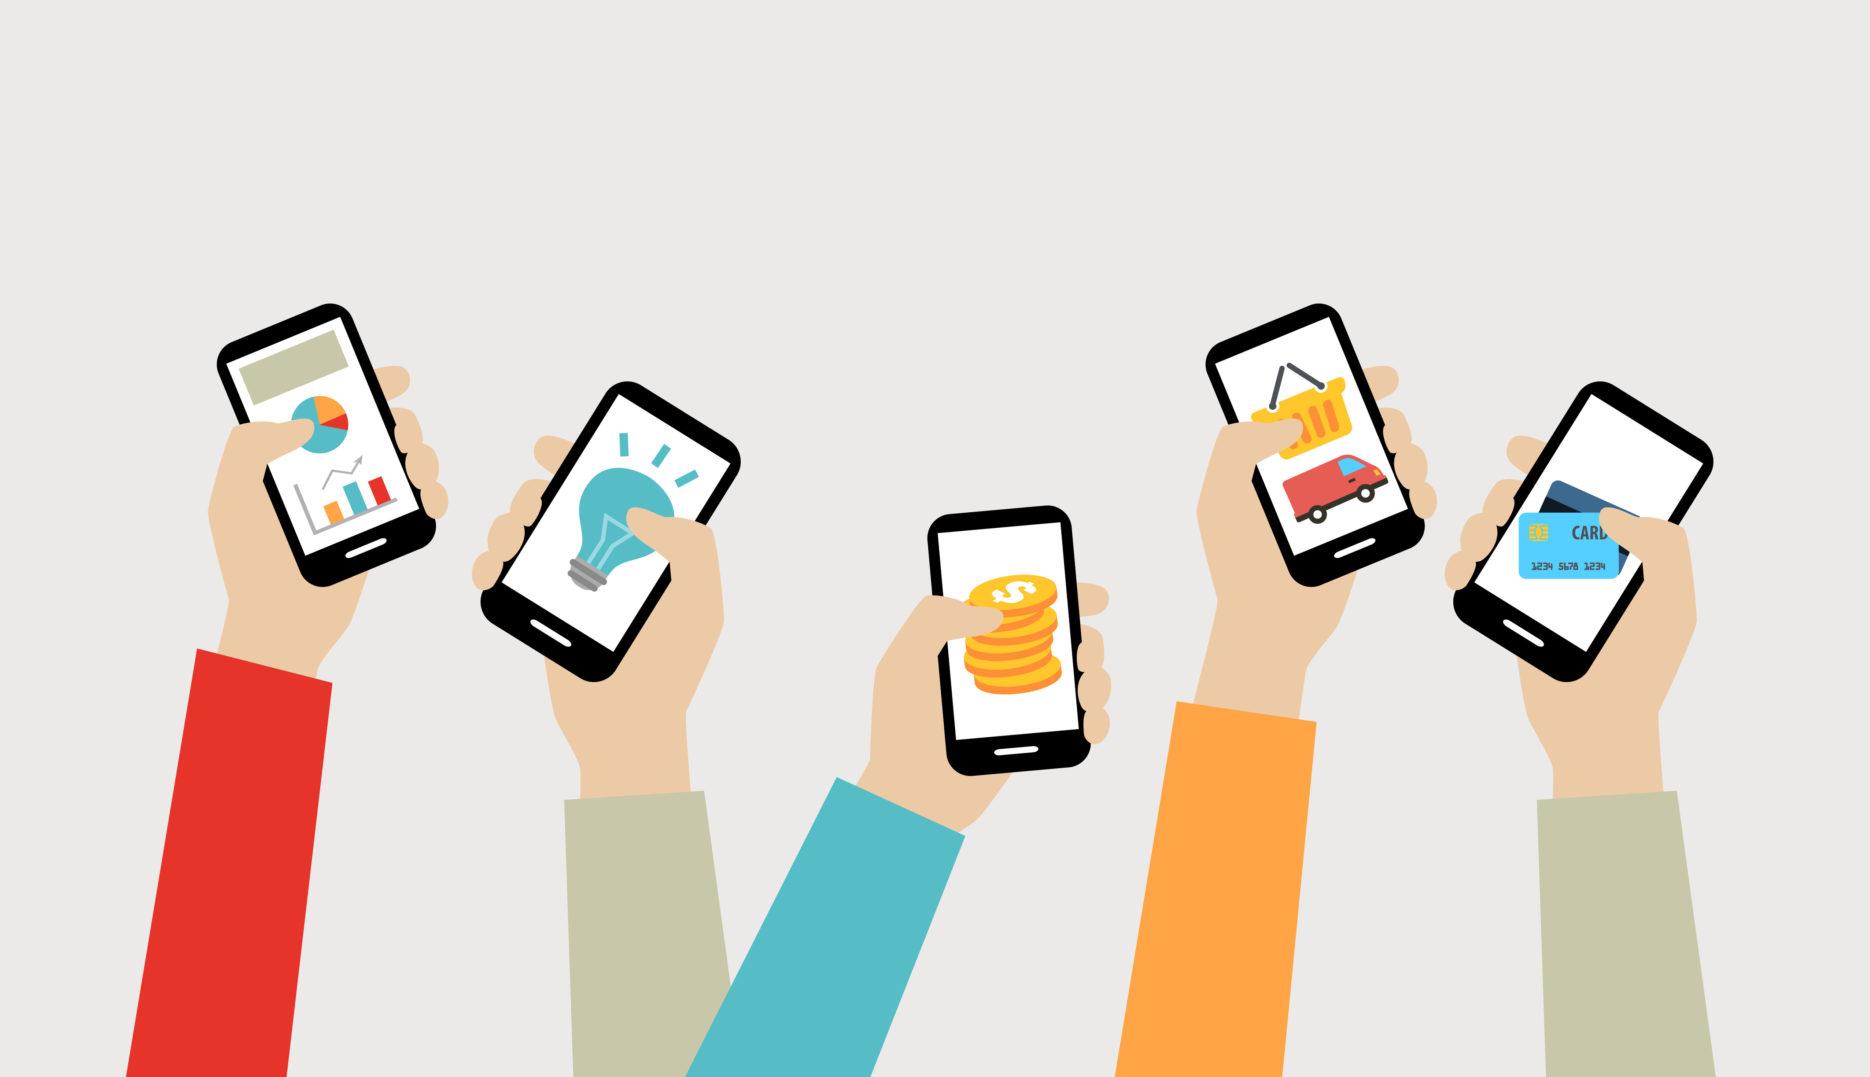 Mobile e-commerce. Credit: Adobe Stock